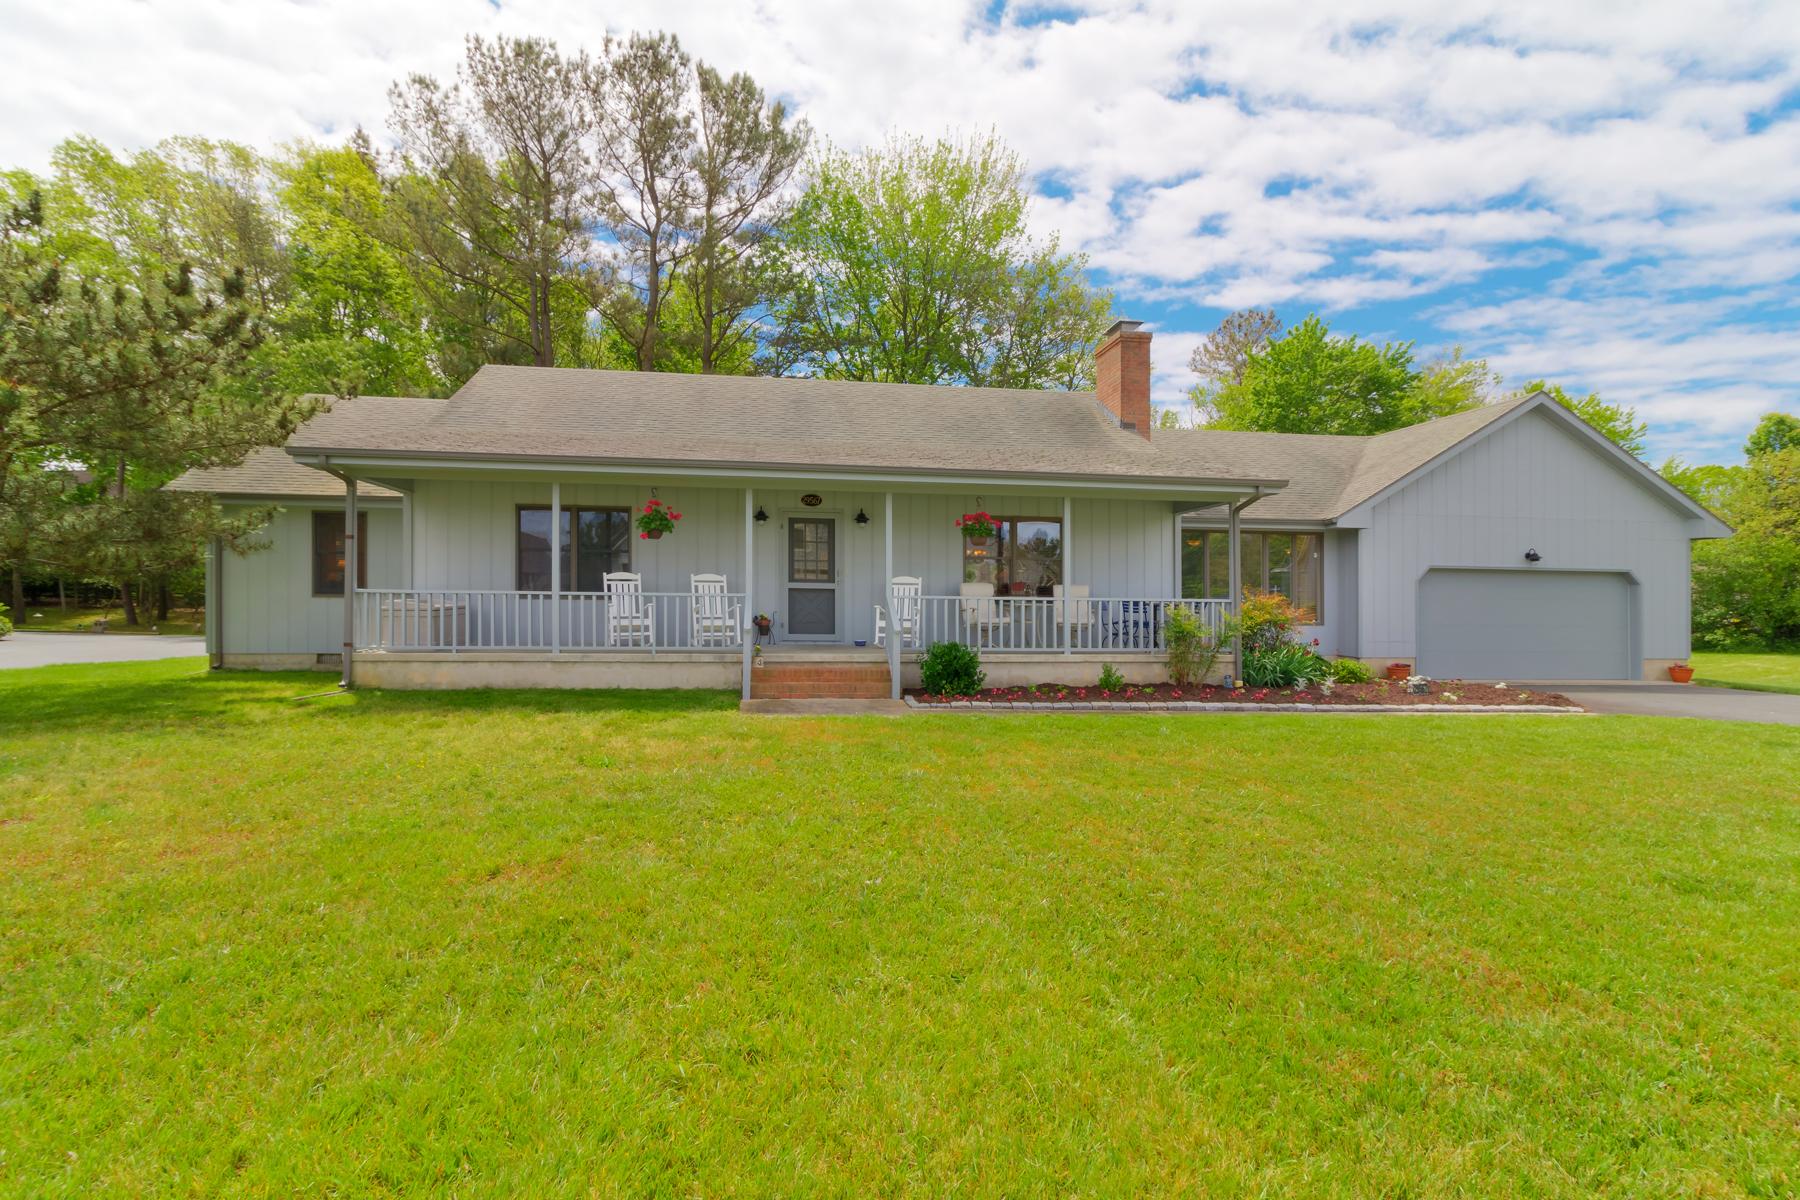 独户住宅 为 销售 在 29567 Colony Dr , Dagsboro, DE 19939 29567 Colony Dr 达格斯伯勒, 特拉华州 19939 美国